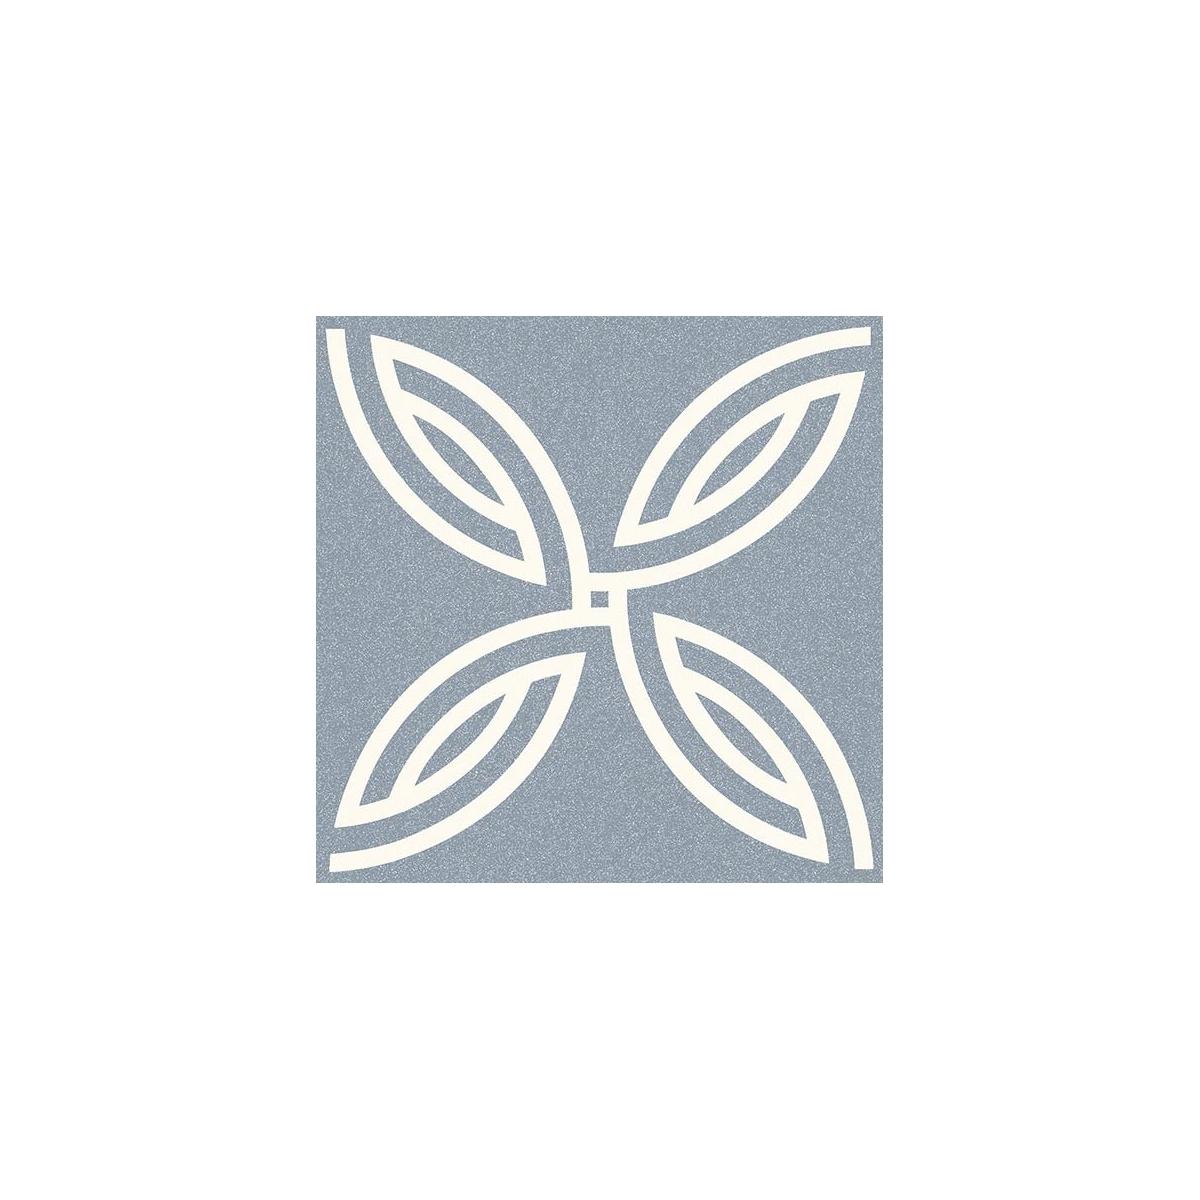 Andrassy Cielo 20x20 (m2) - Pavimento hidráulico en gres porcelánico